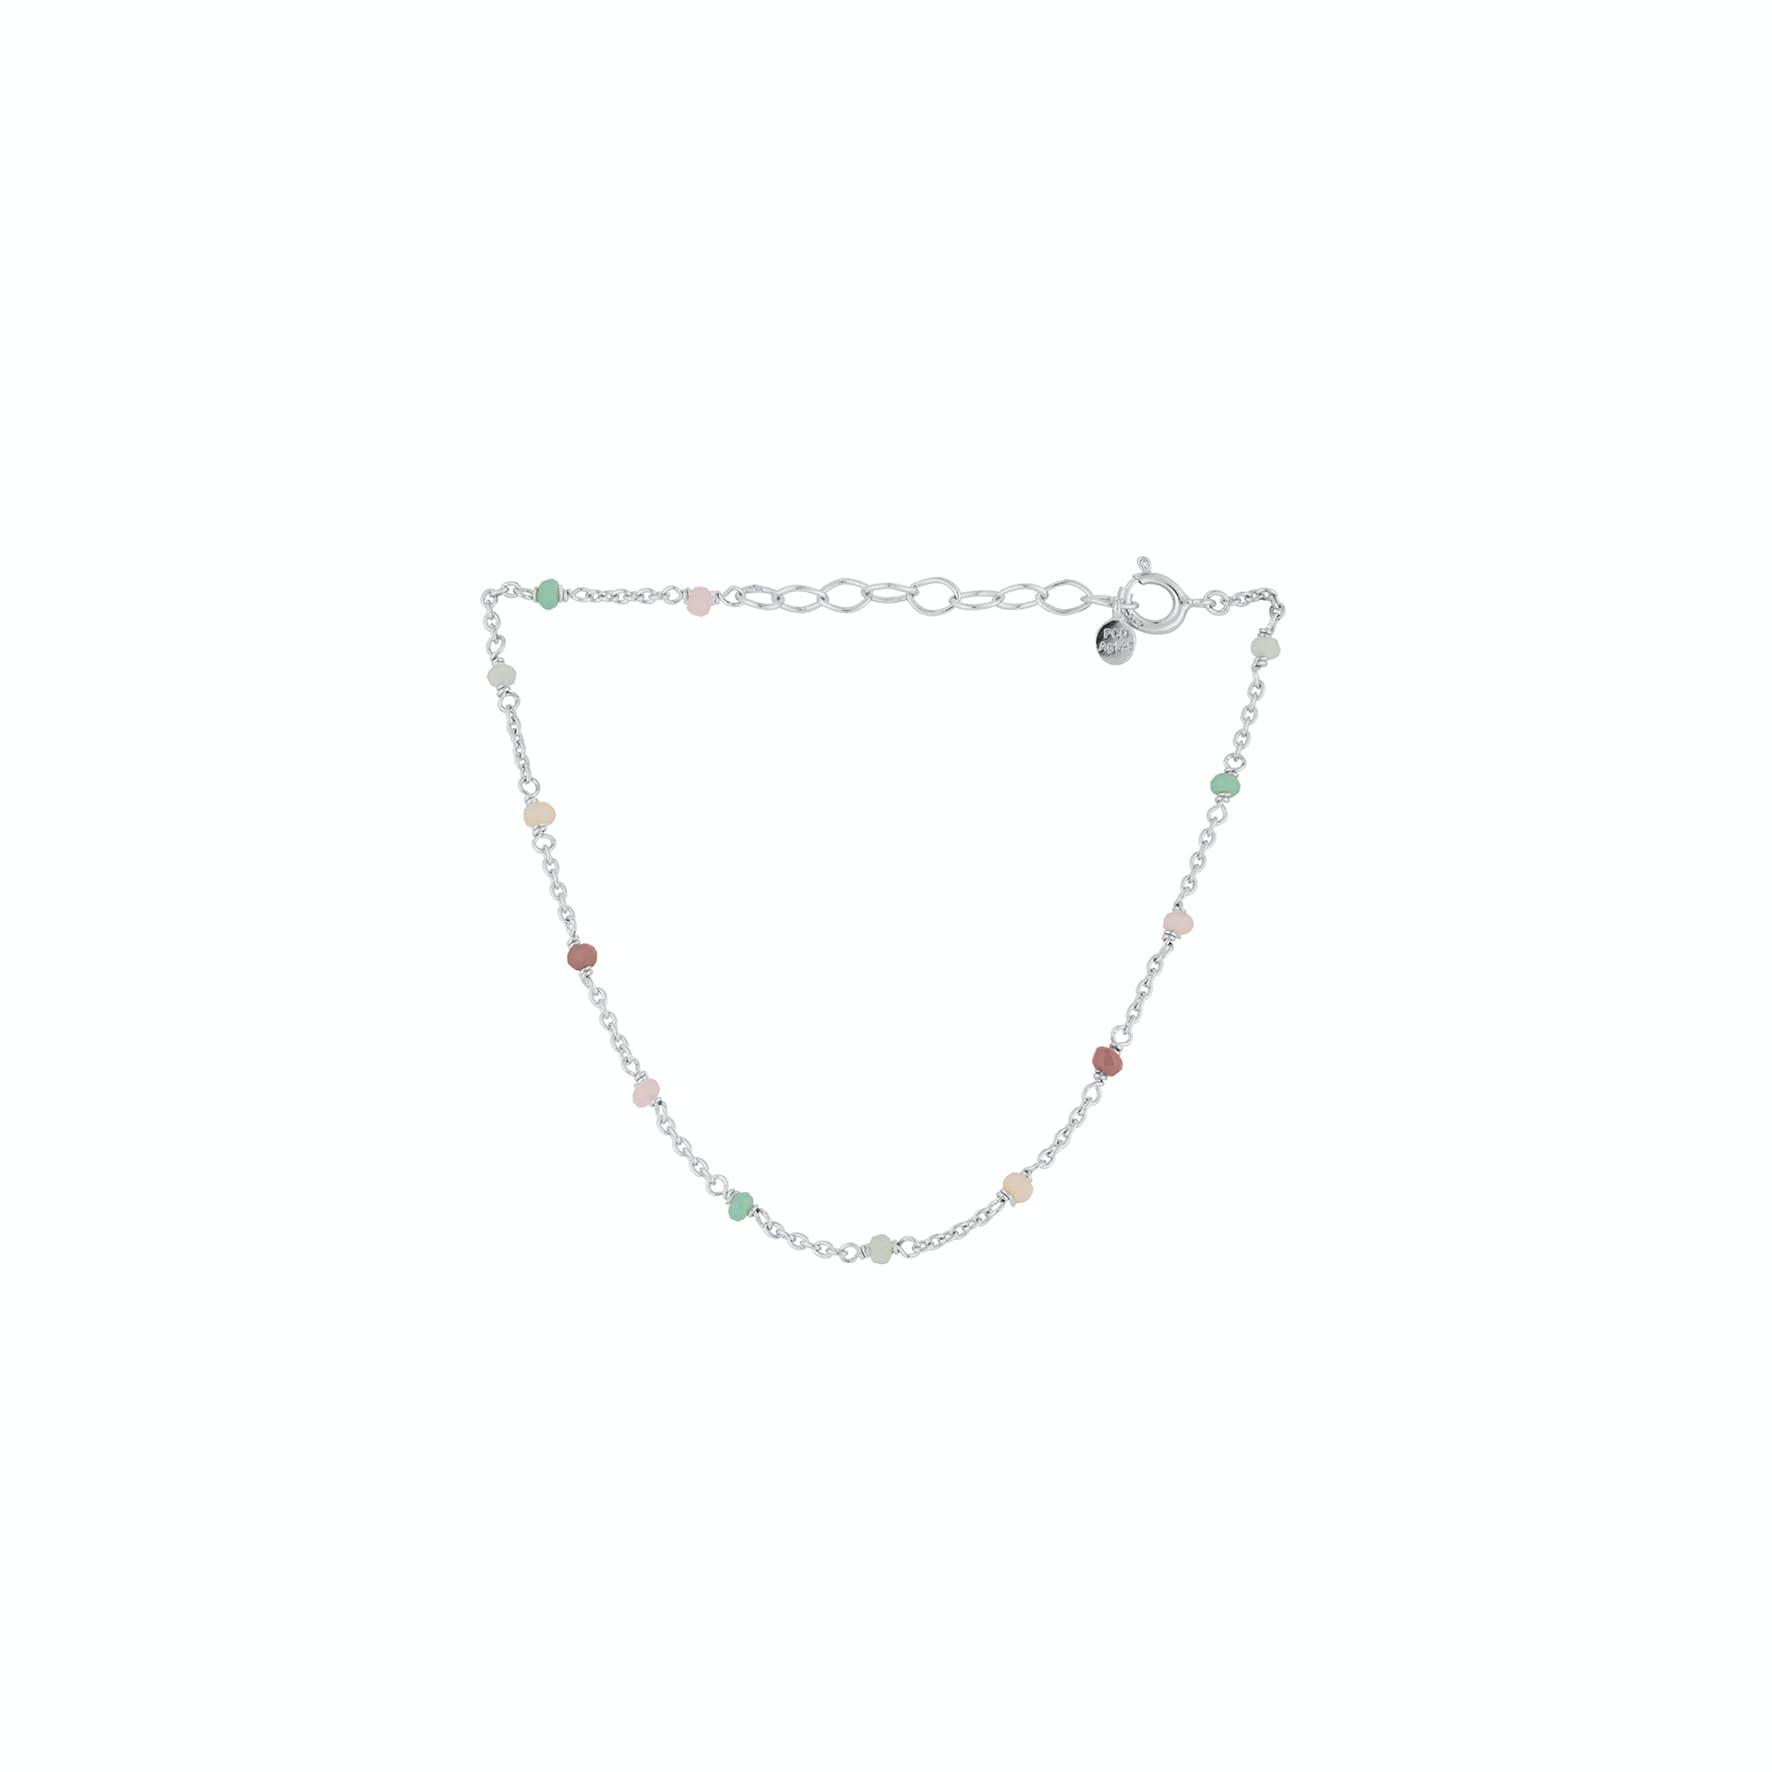 Calisto Bracelet fra Pernille Corydon i Sølv Sterling 925